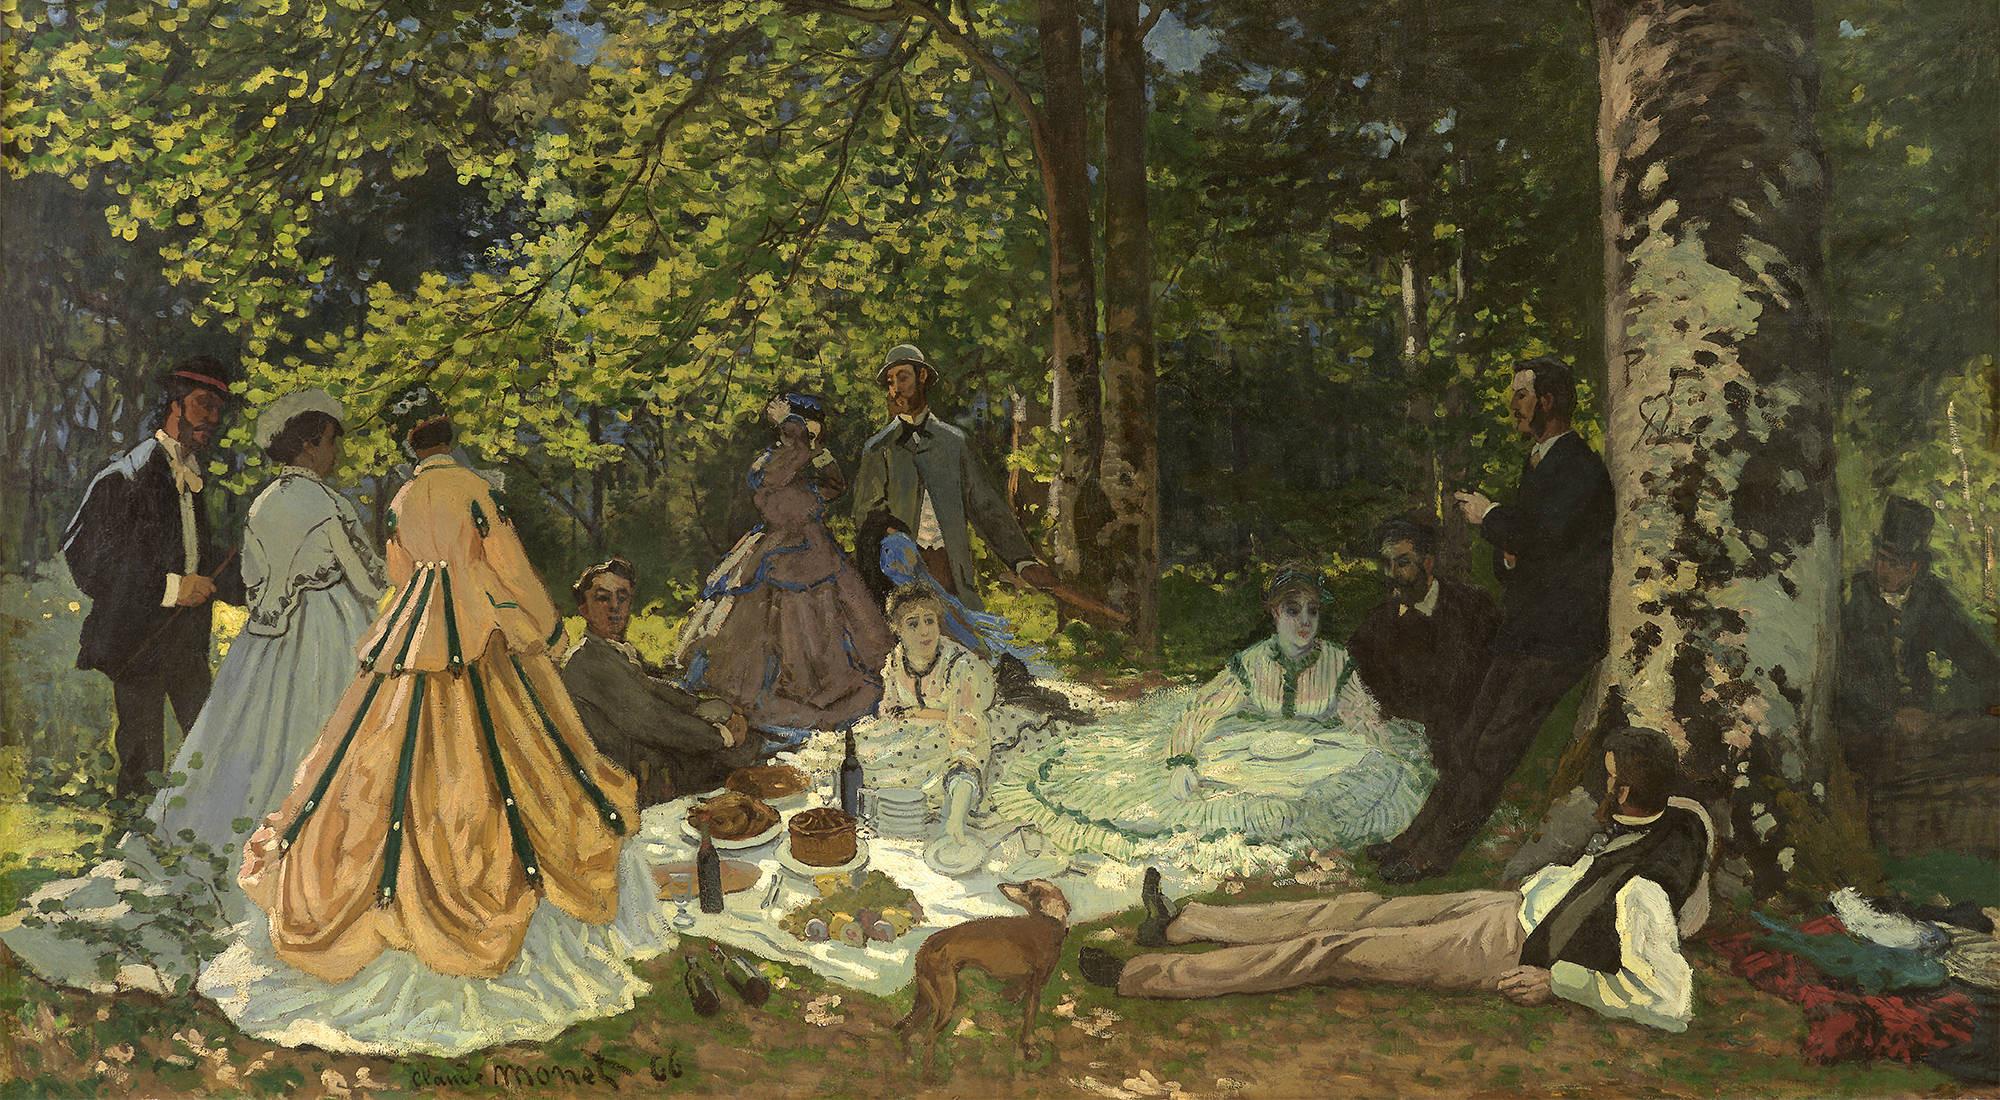 картина Пикник на траве, Шайи ( Шайли ) :: Клод Моне - Моне Клод (Claude Monet) фото